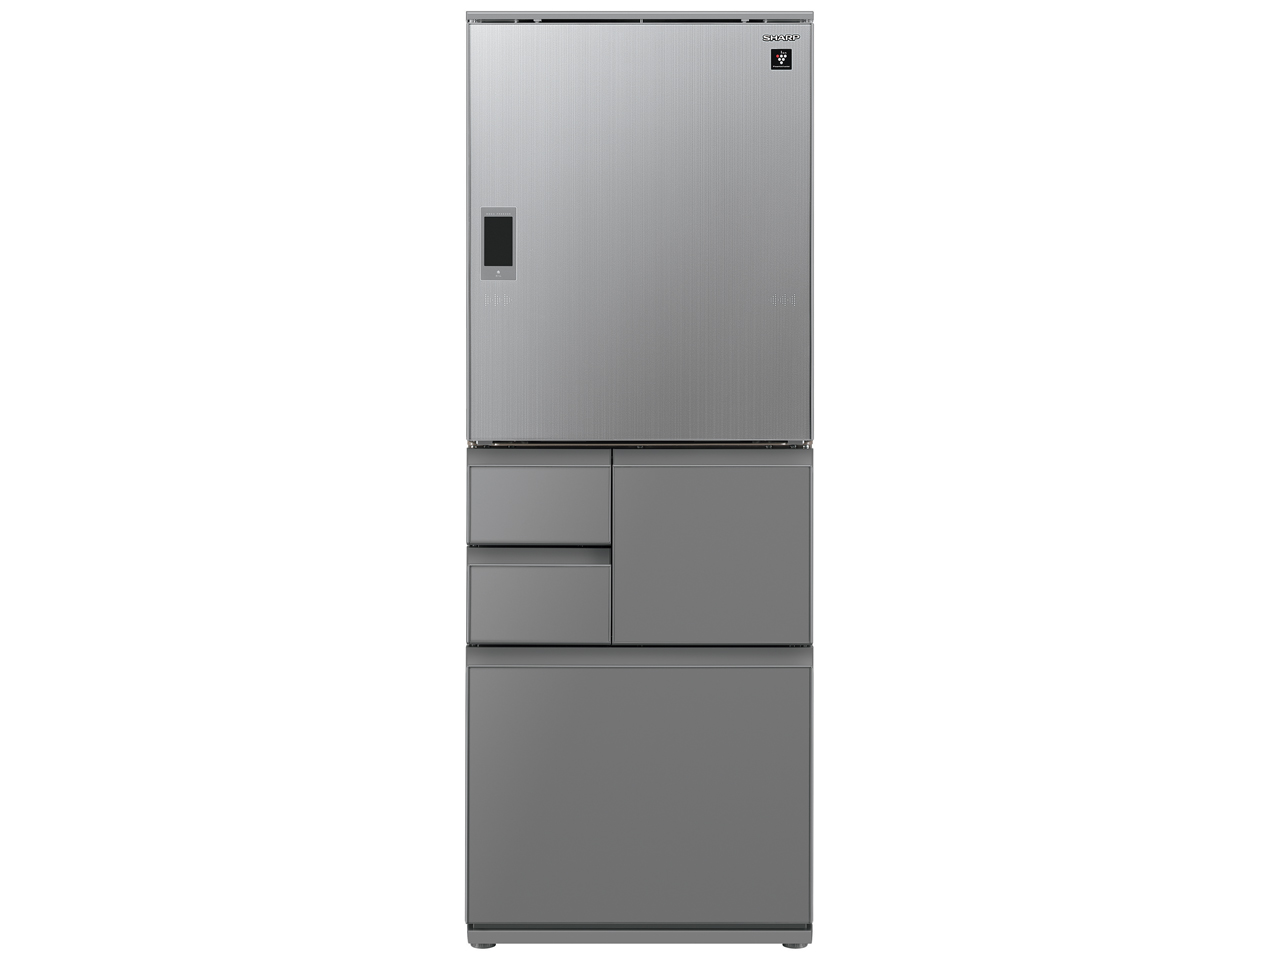 SJ-WX50E-S [エレガントシルバー] の製品画像